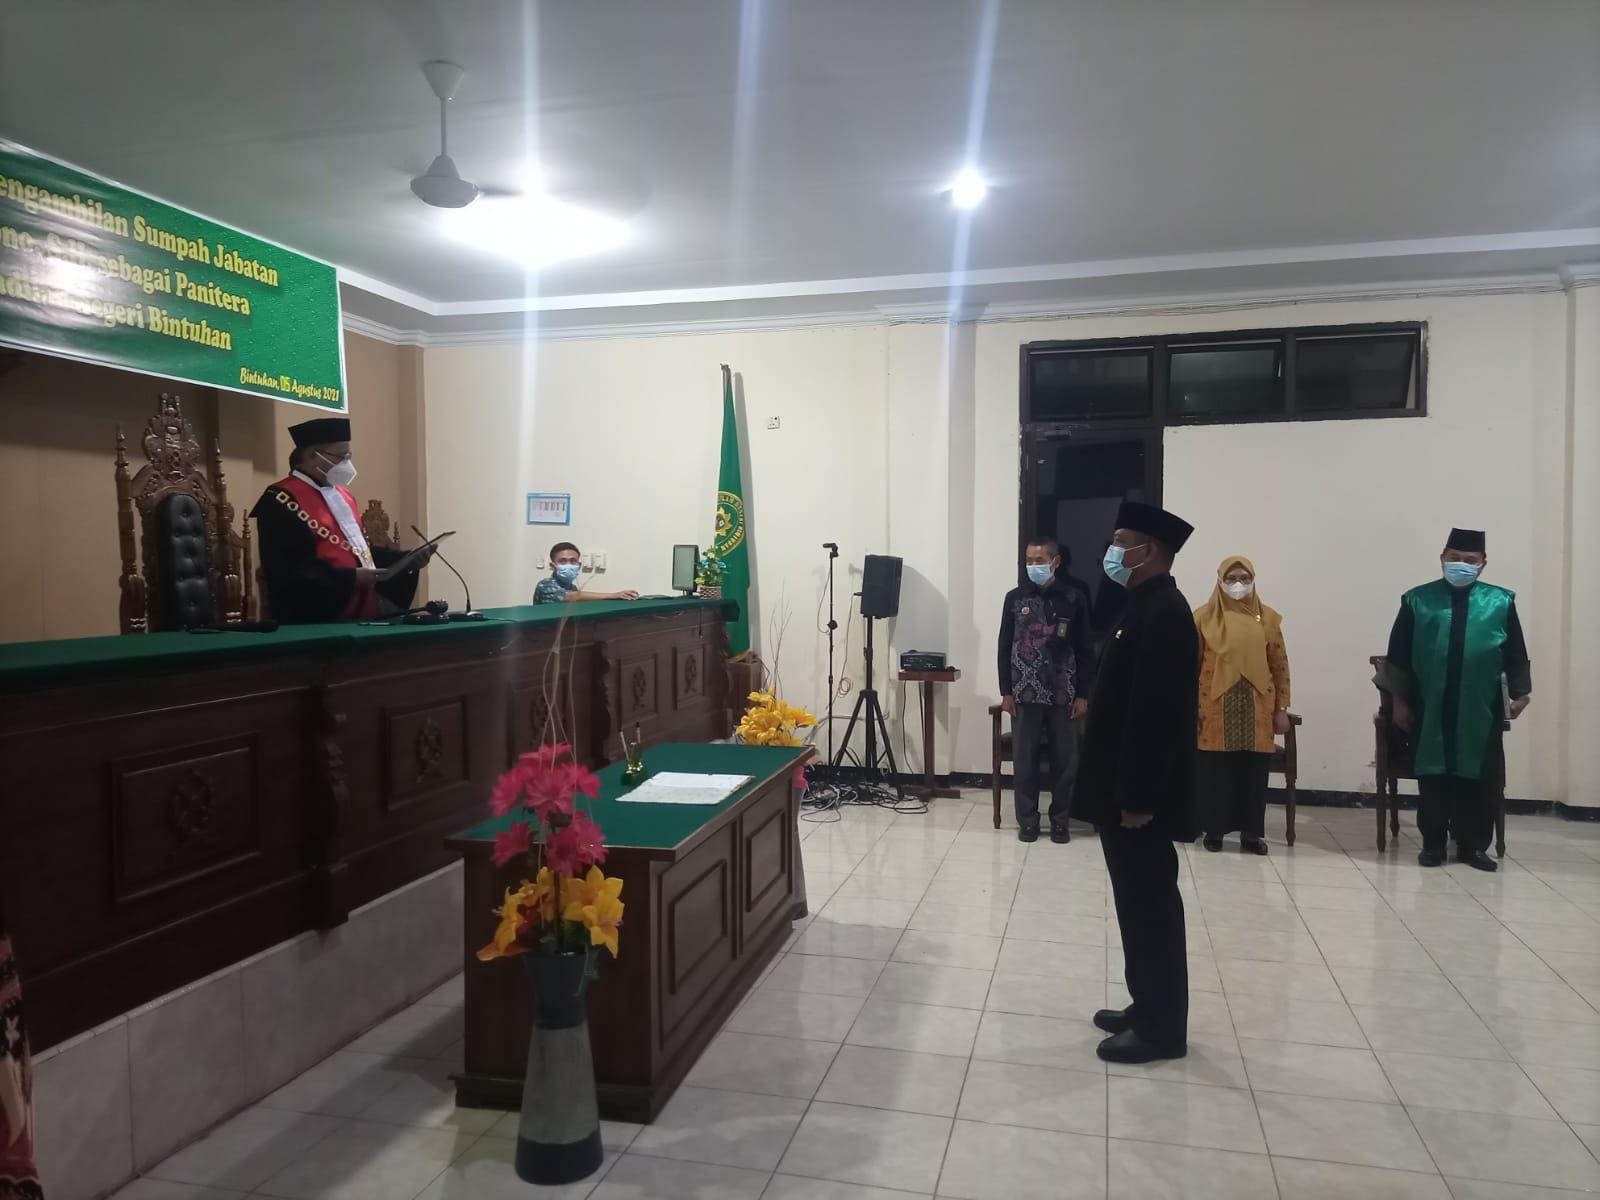 Pelantikan dan Pengambilan Sumpah Jabatan Panitera Pengadilan Negeri Bintuhan